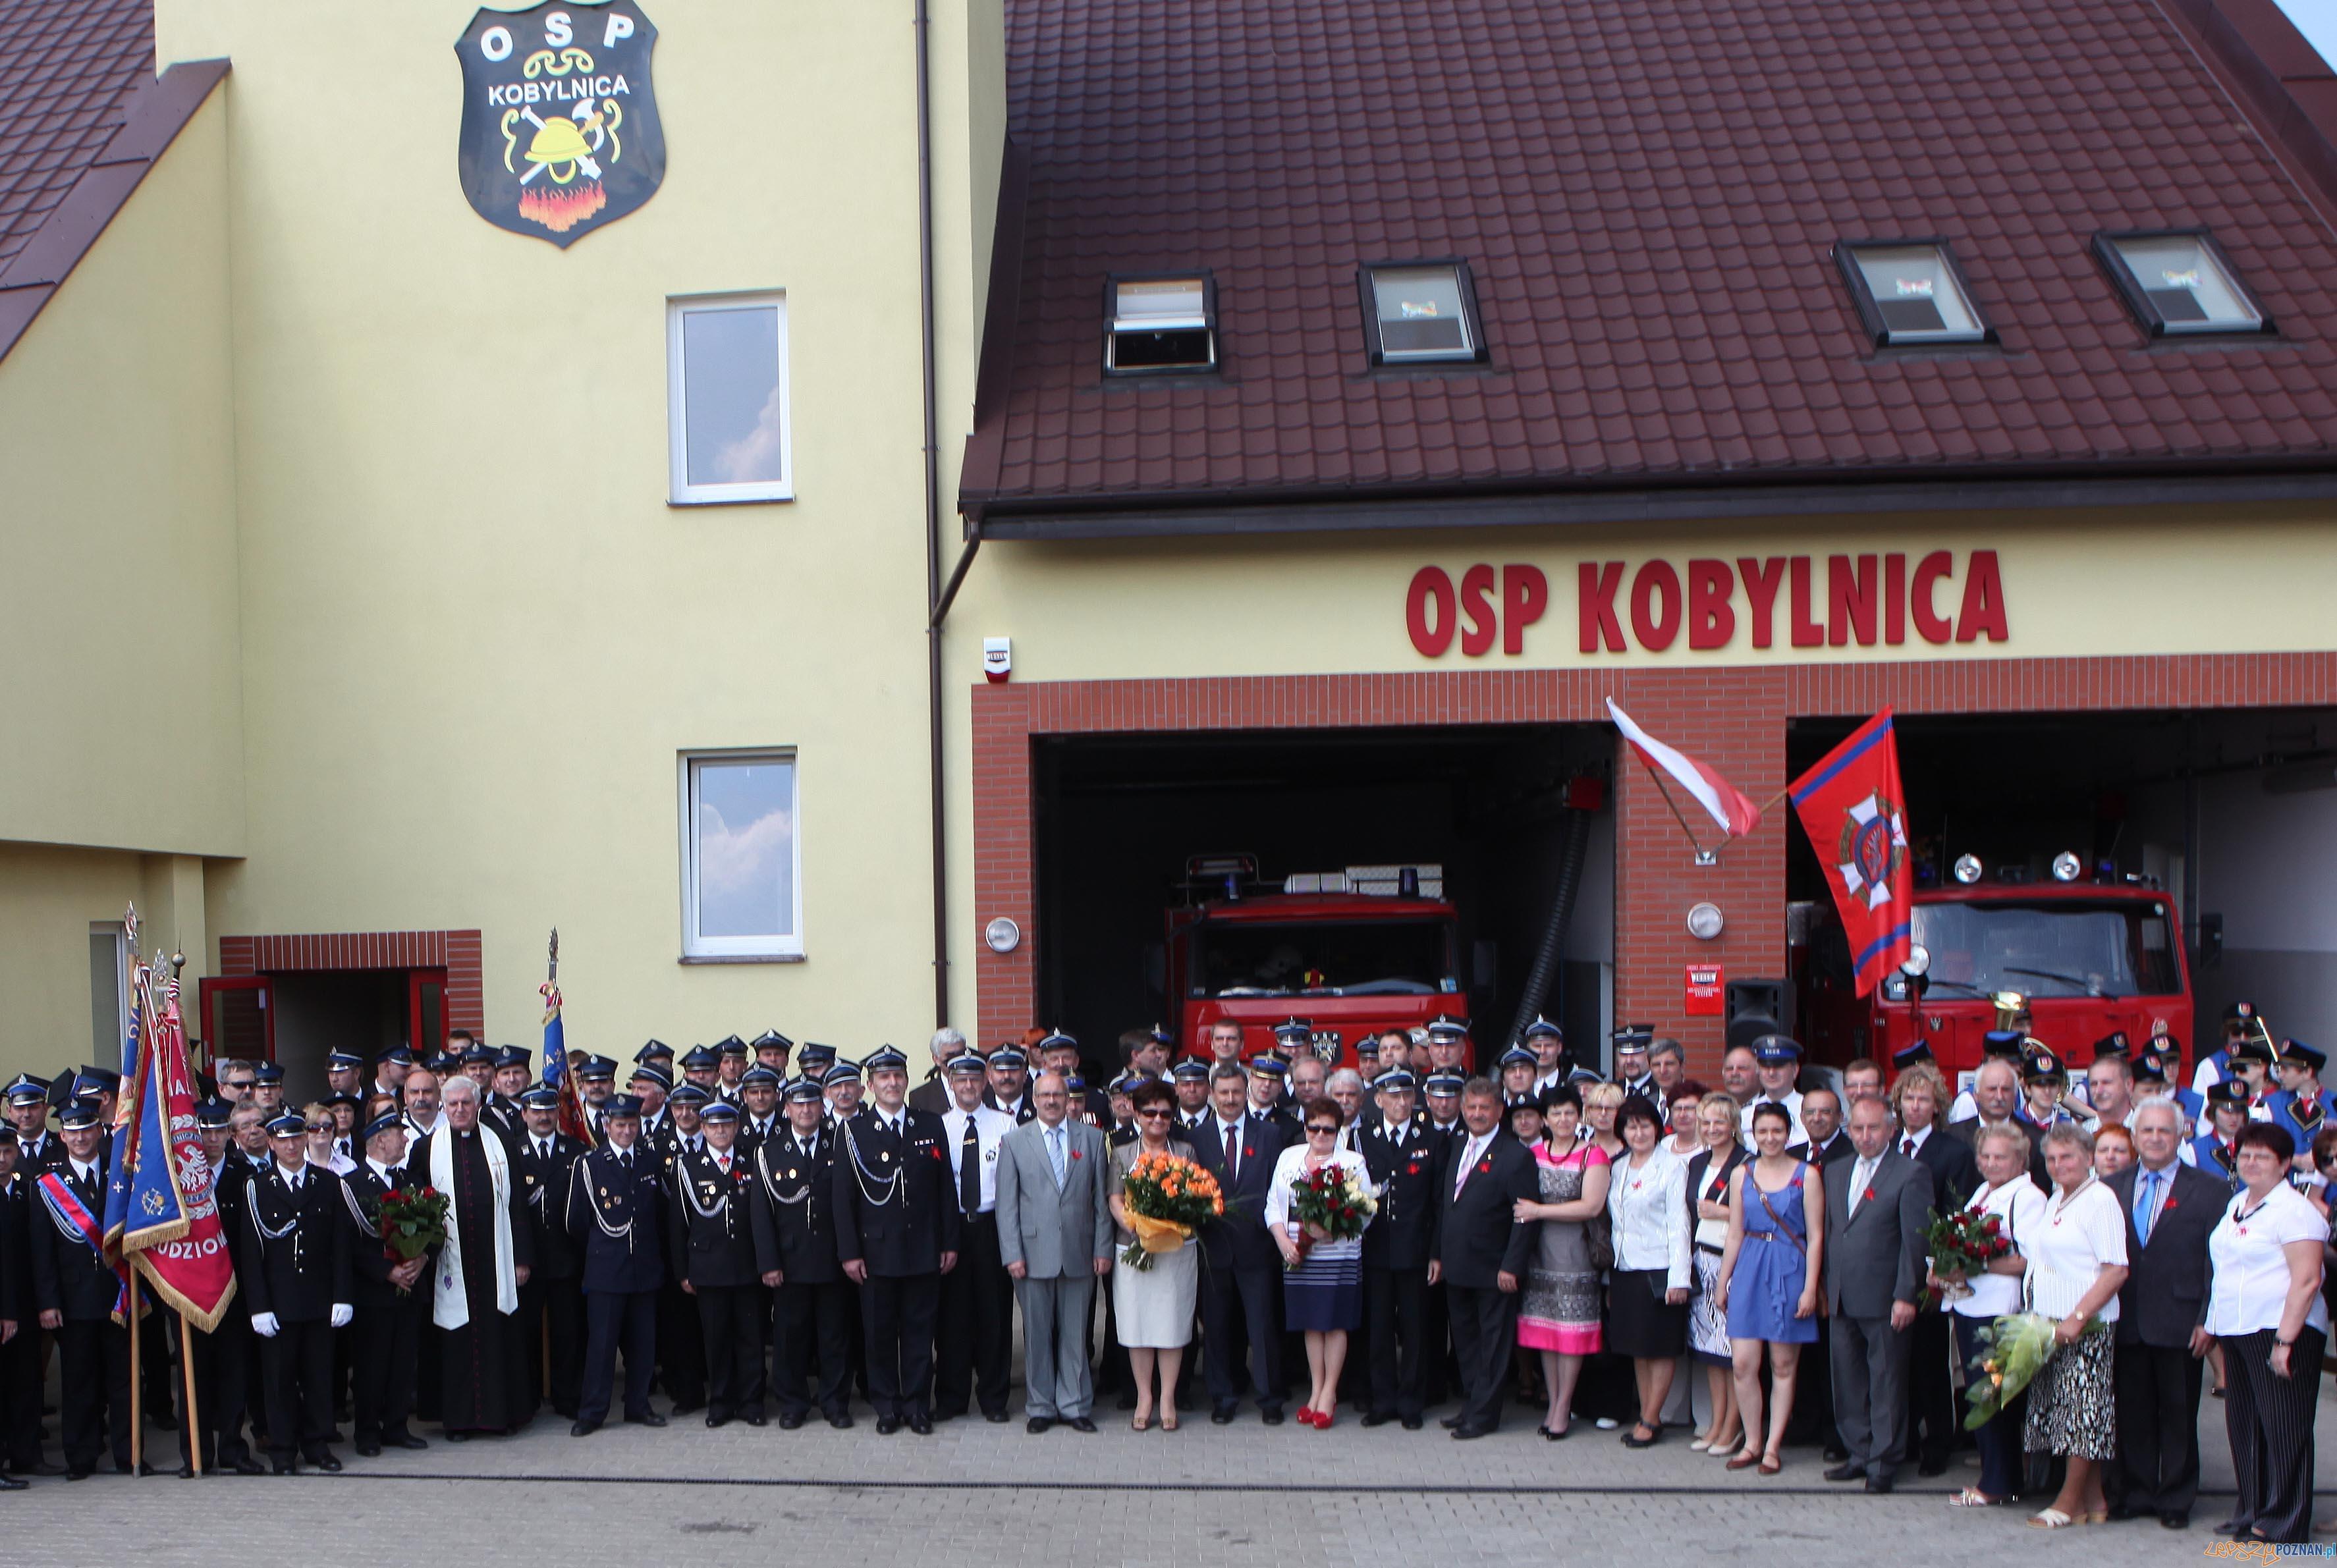 Zdjęcie pamiatkowe - otwarcie nowej remizy w Kobylnicy  Foto: